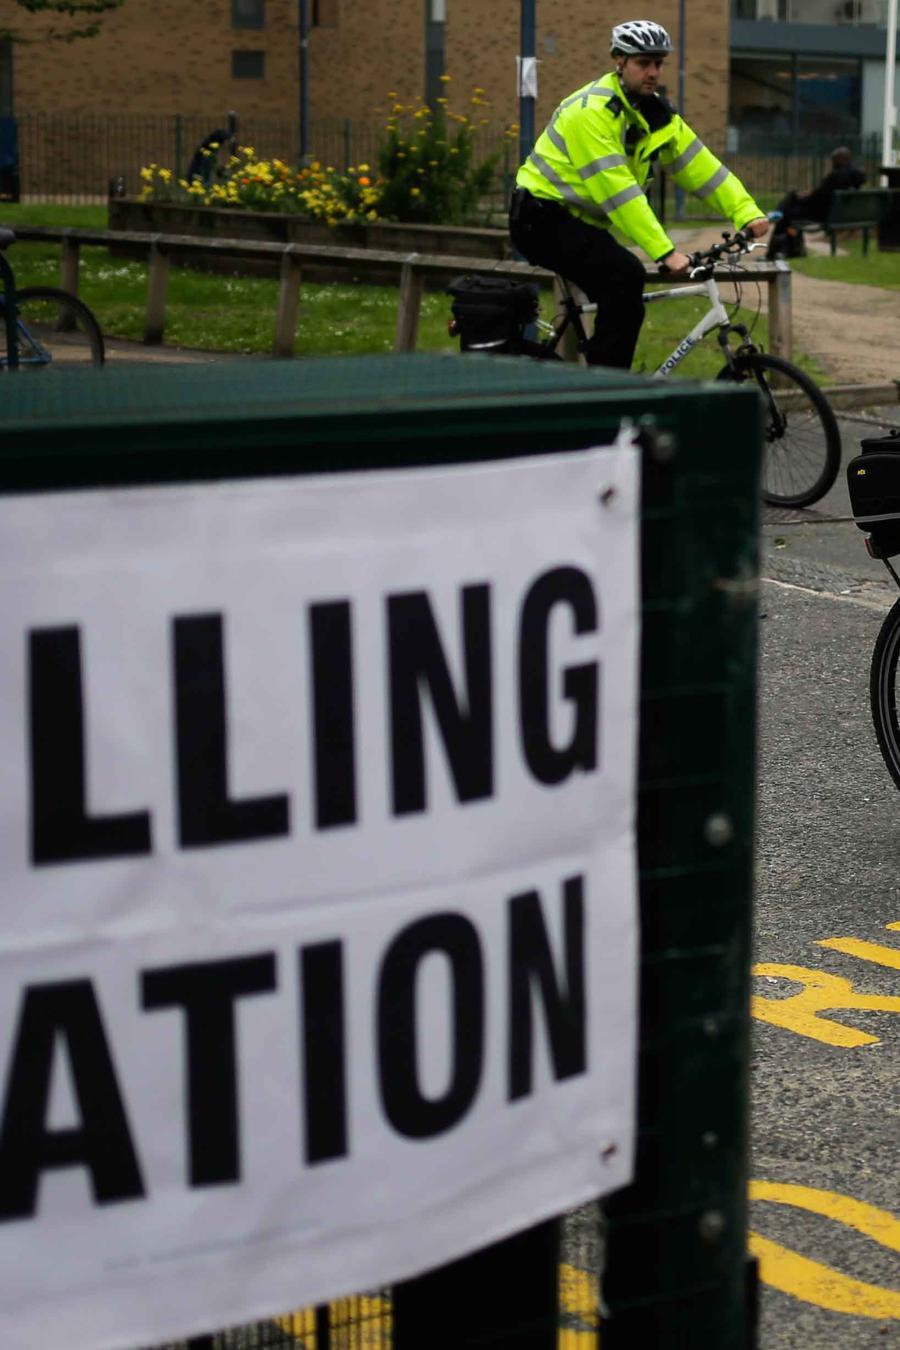 Centro de votación en Gran Bretaña para elecciones del 8 de junio